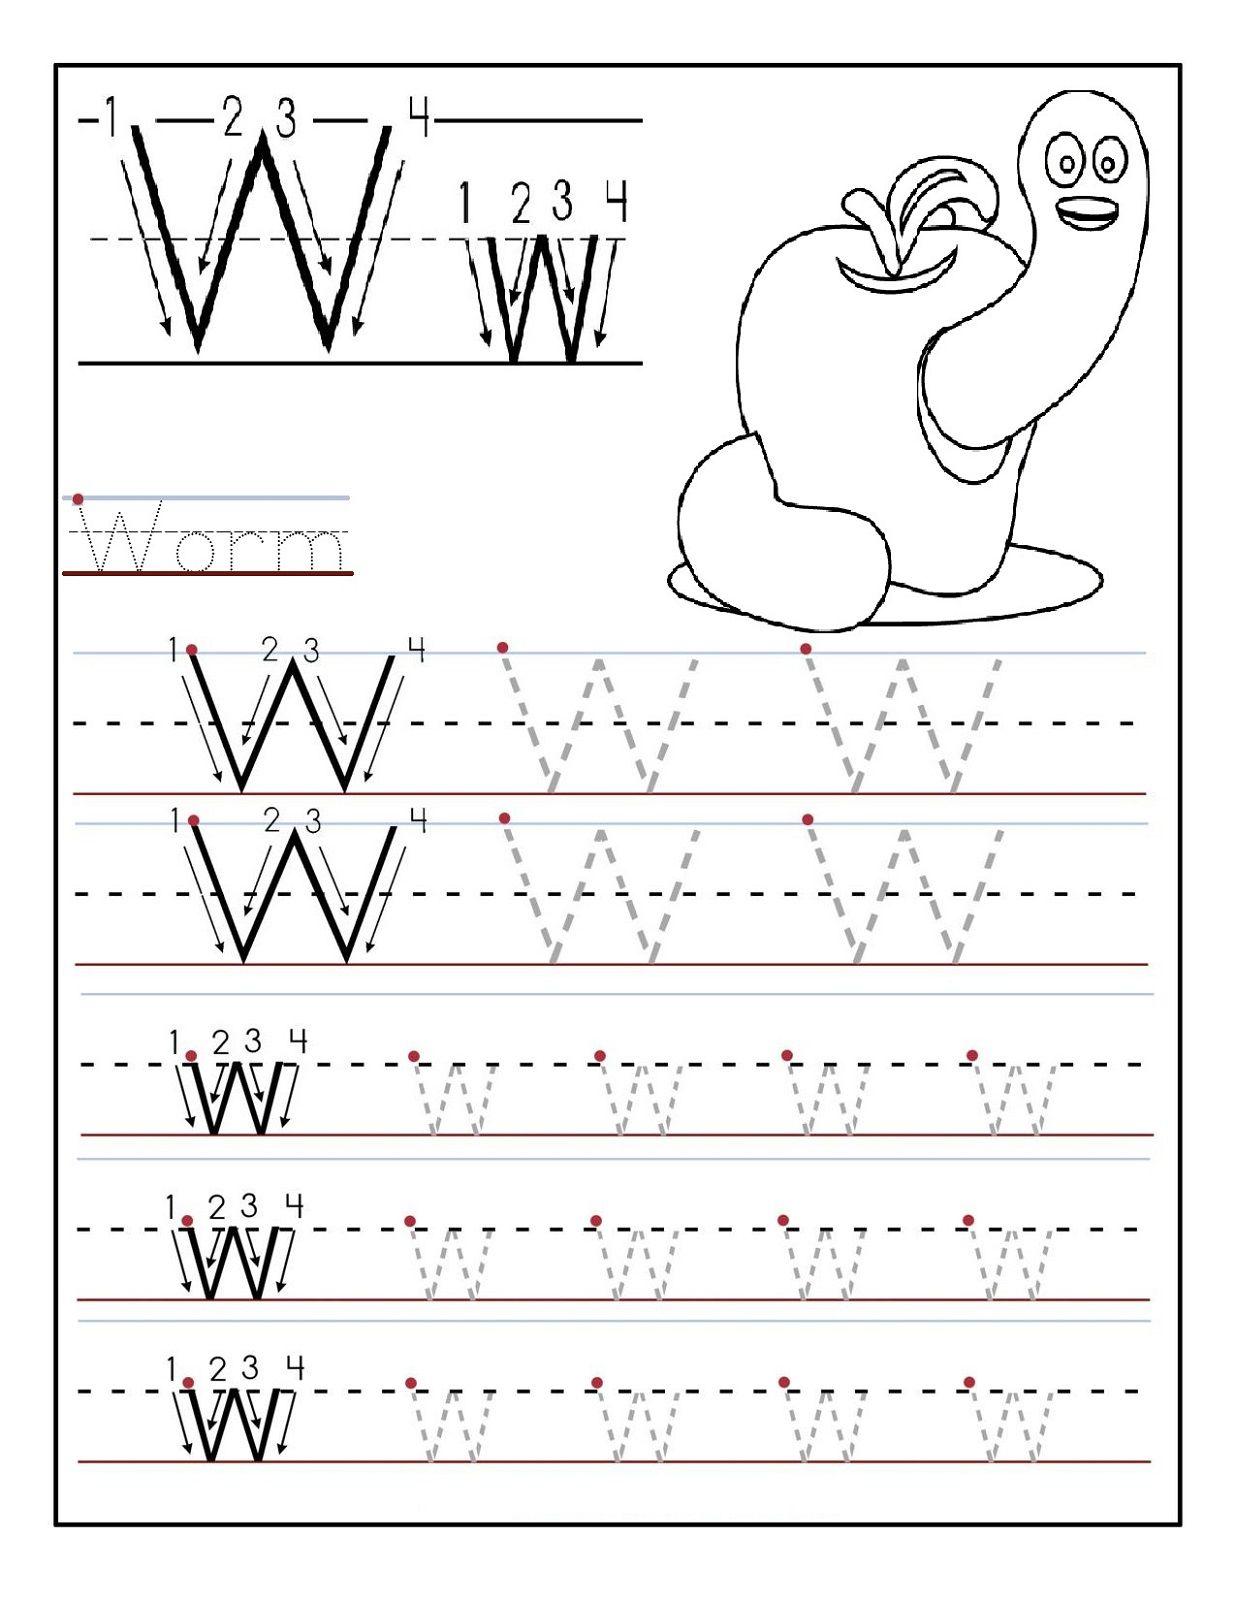 Preschool Alphabet Worksheets In 2020 Tracing Worksheets Preschool Alphabet Worksheets Preschool Alphabet Preschool